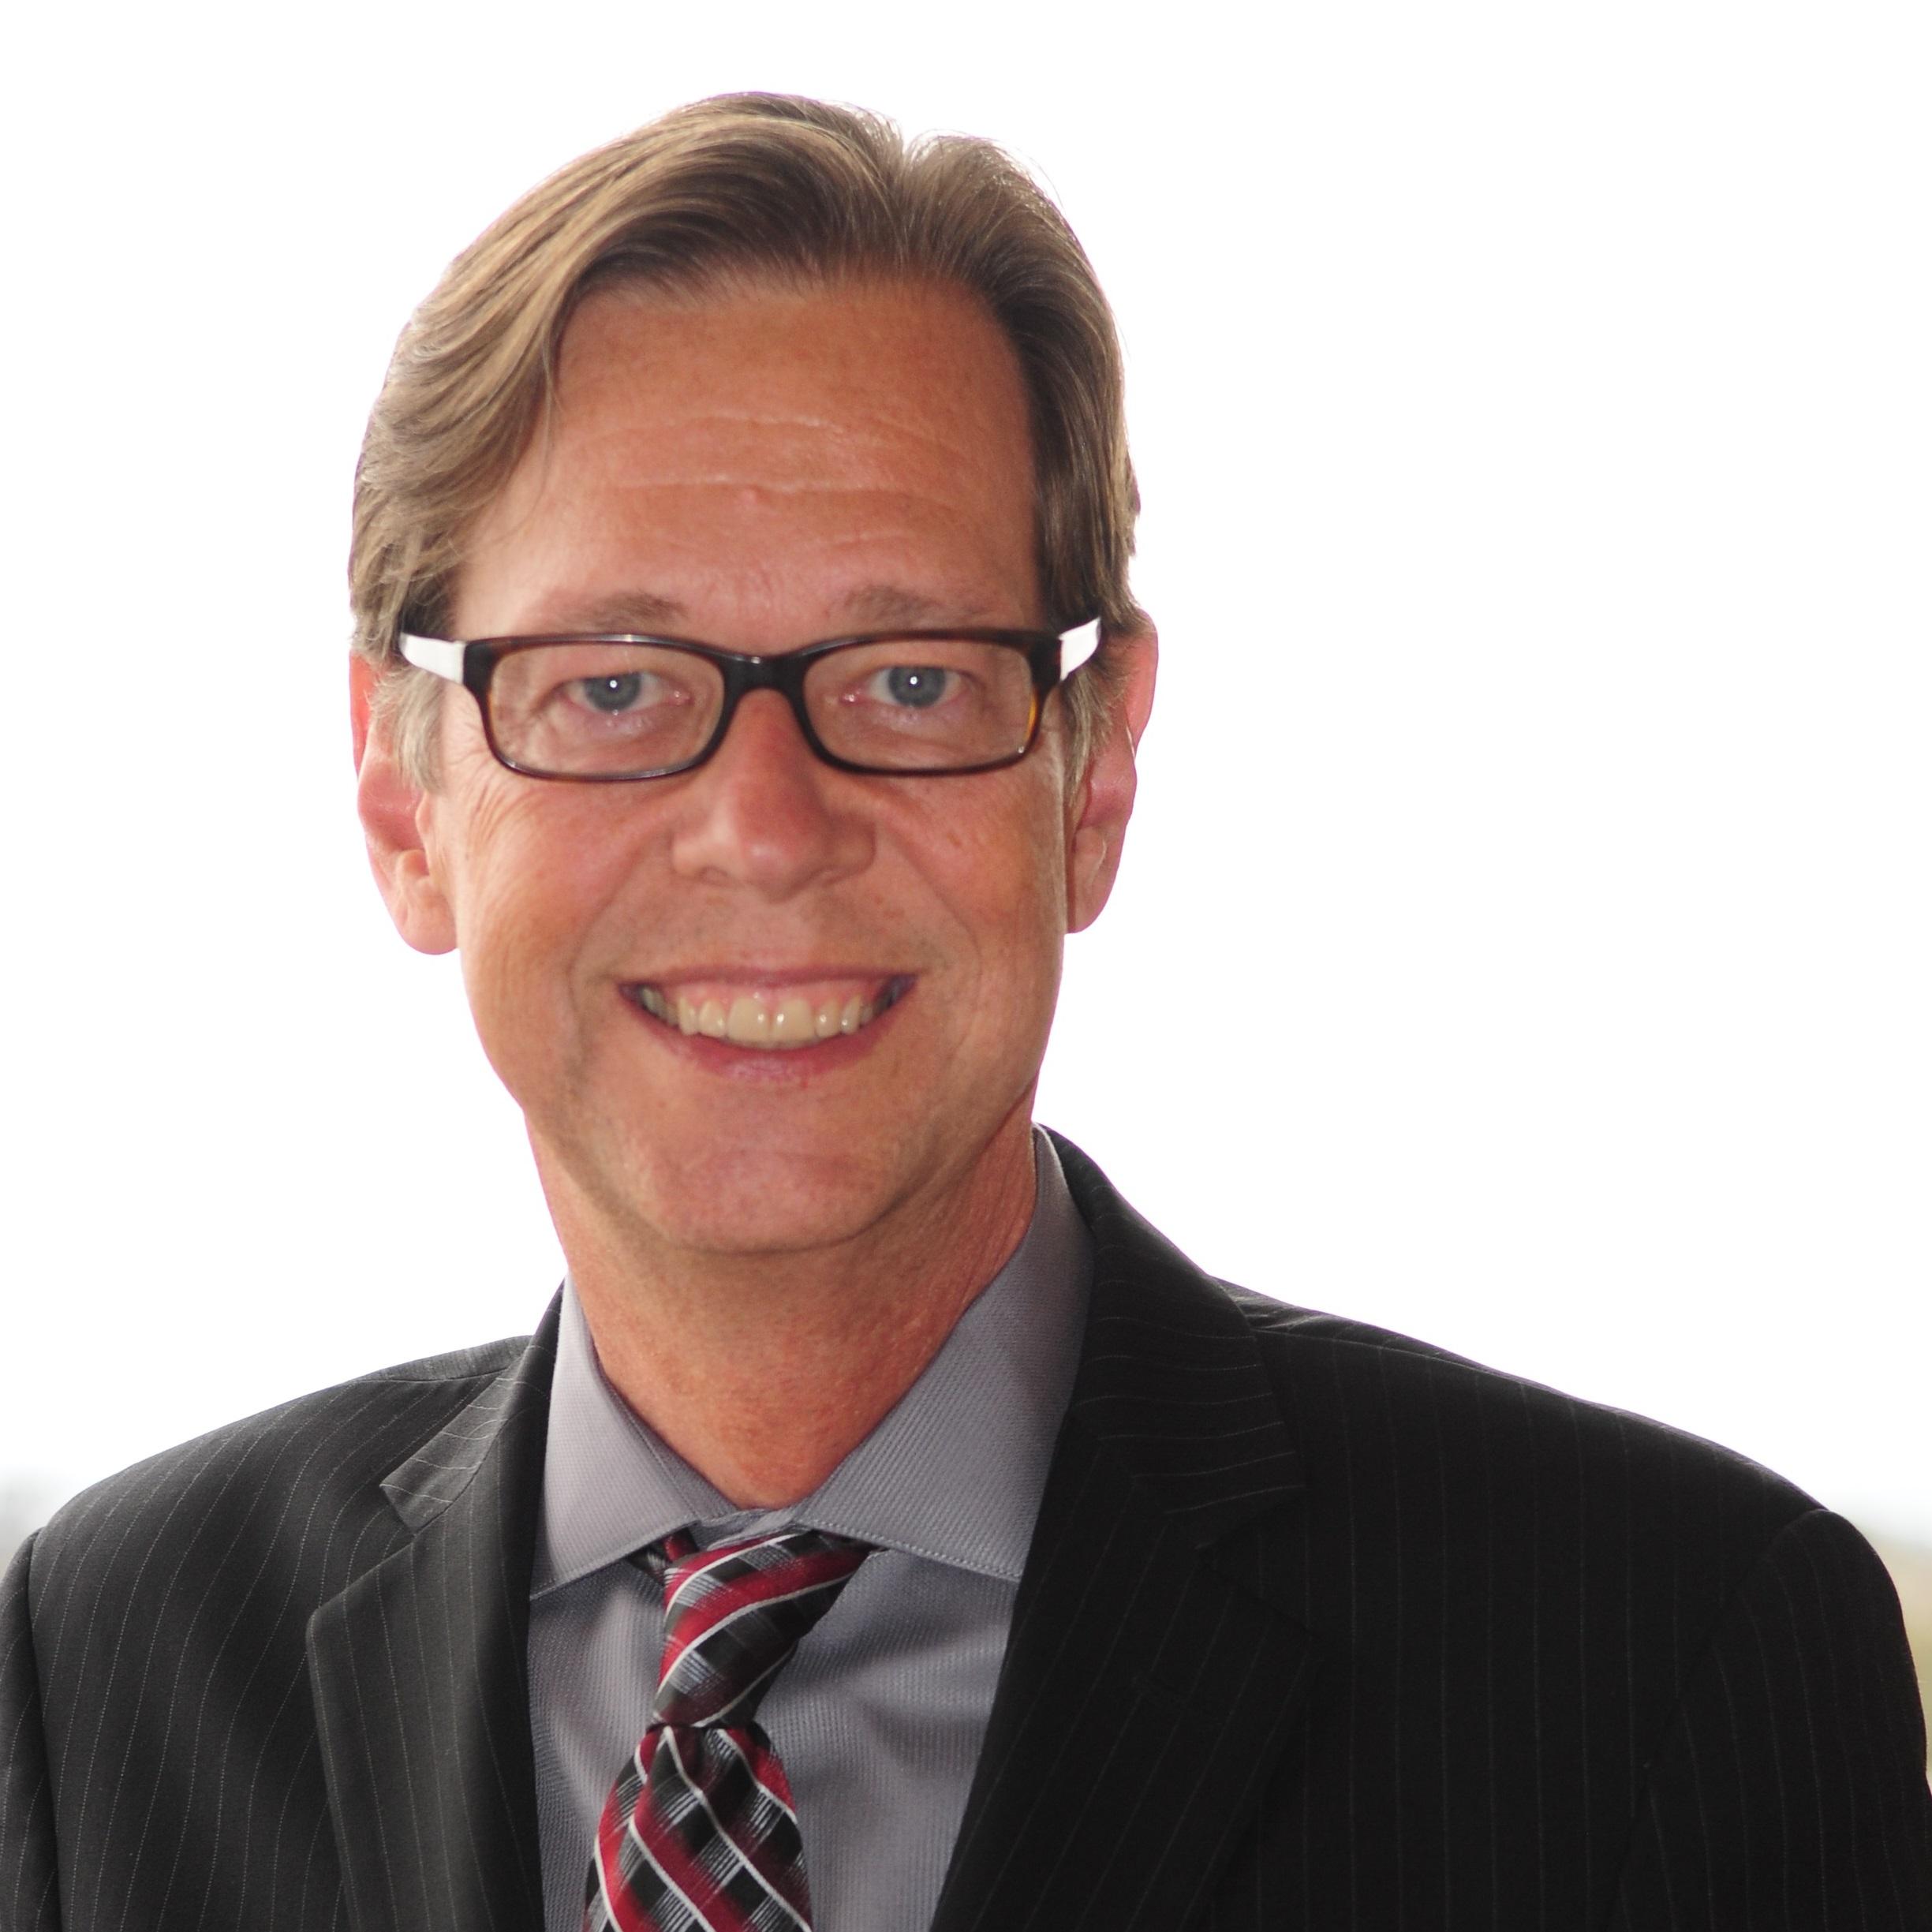 Jonathan Seitz